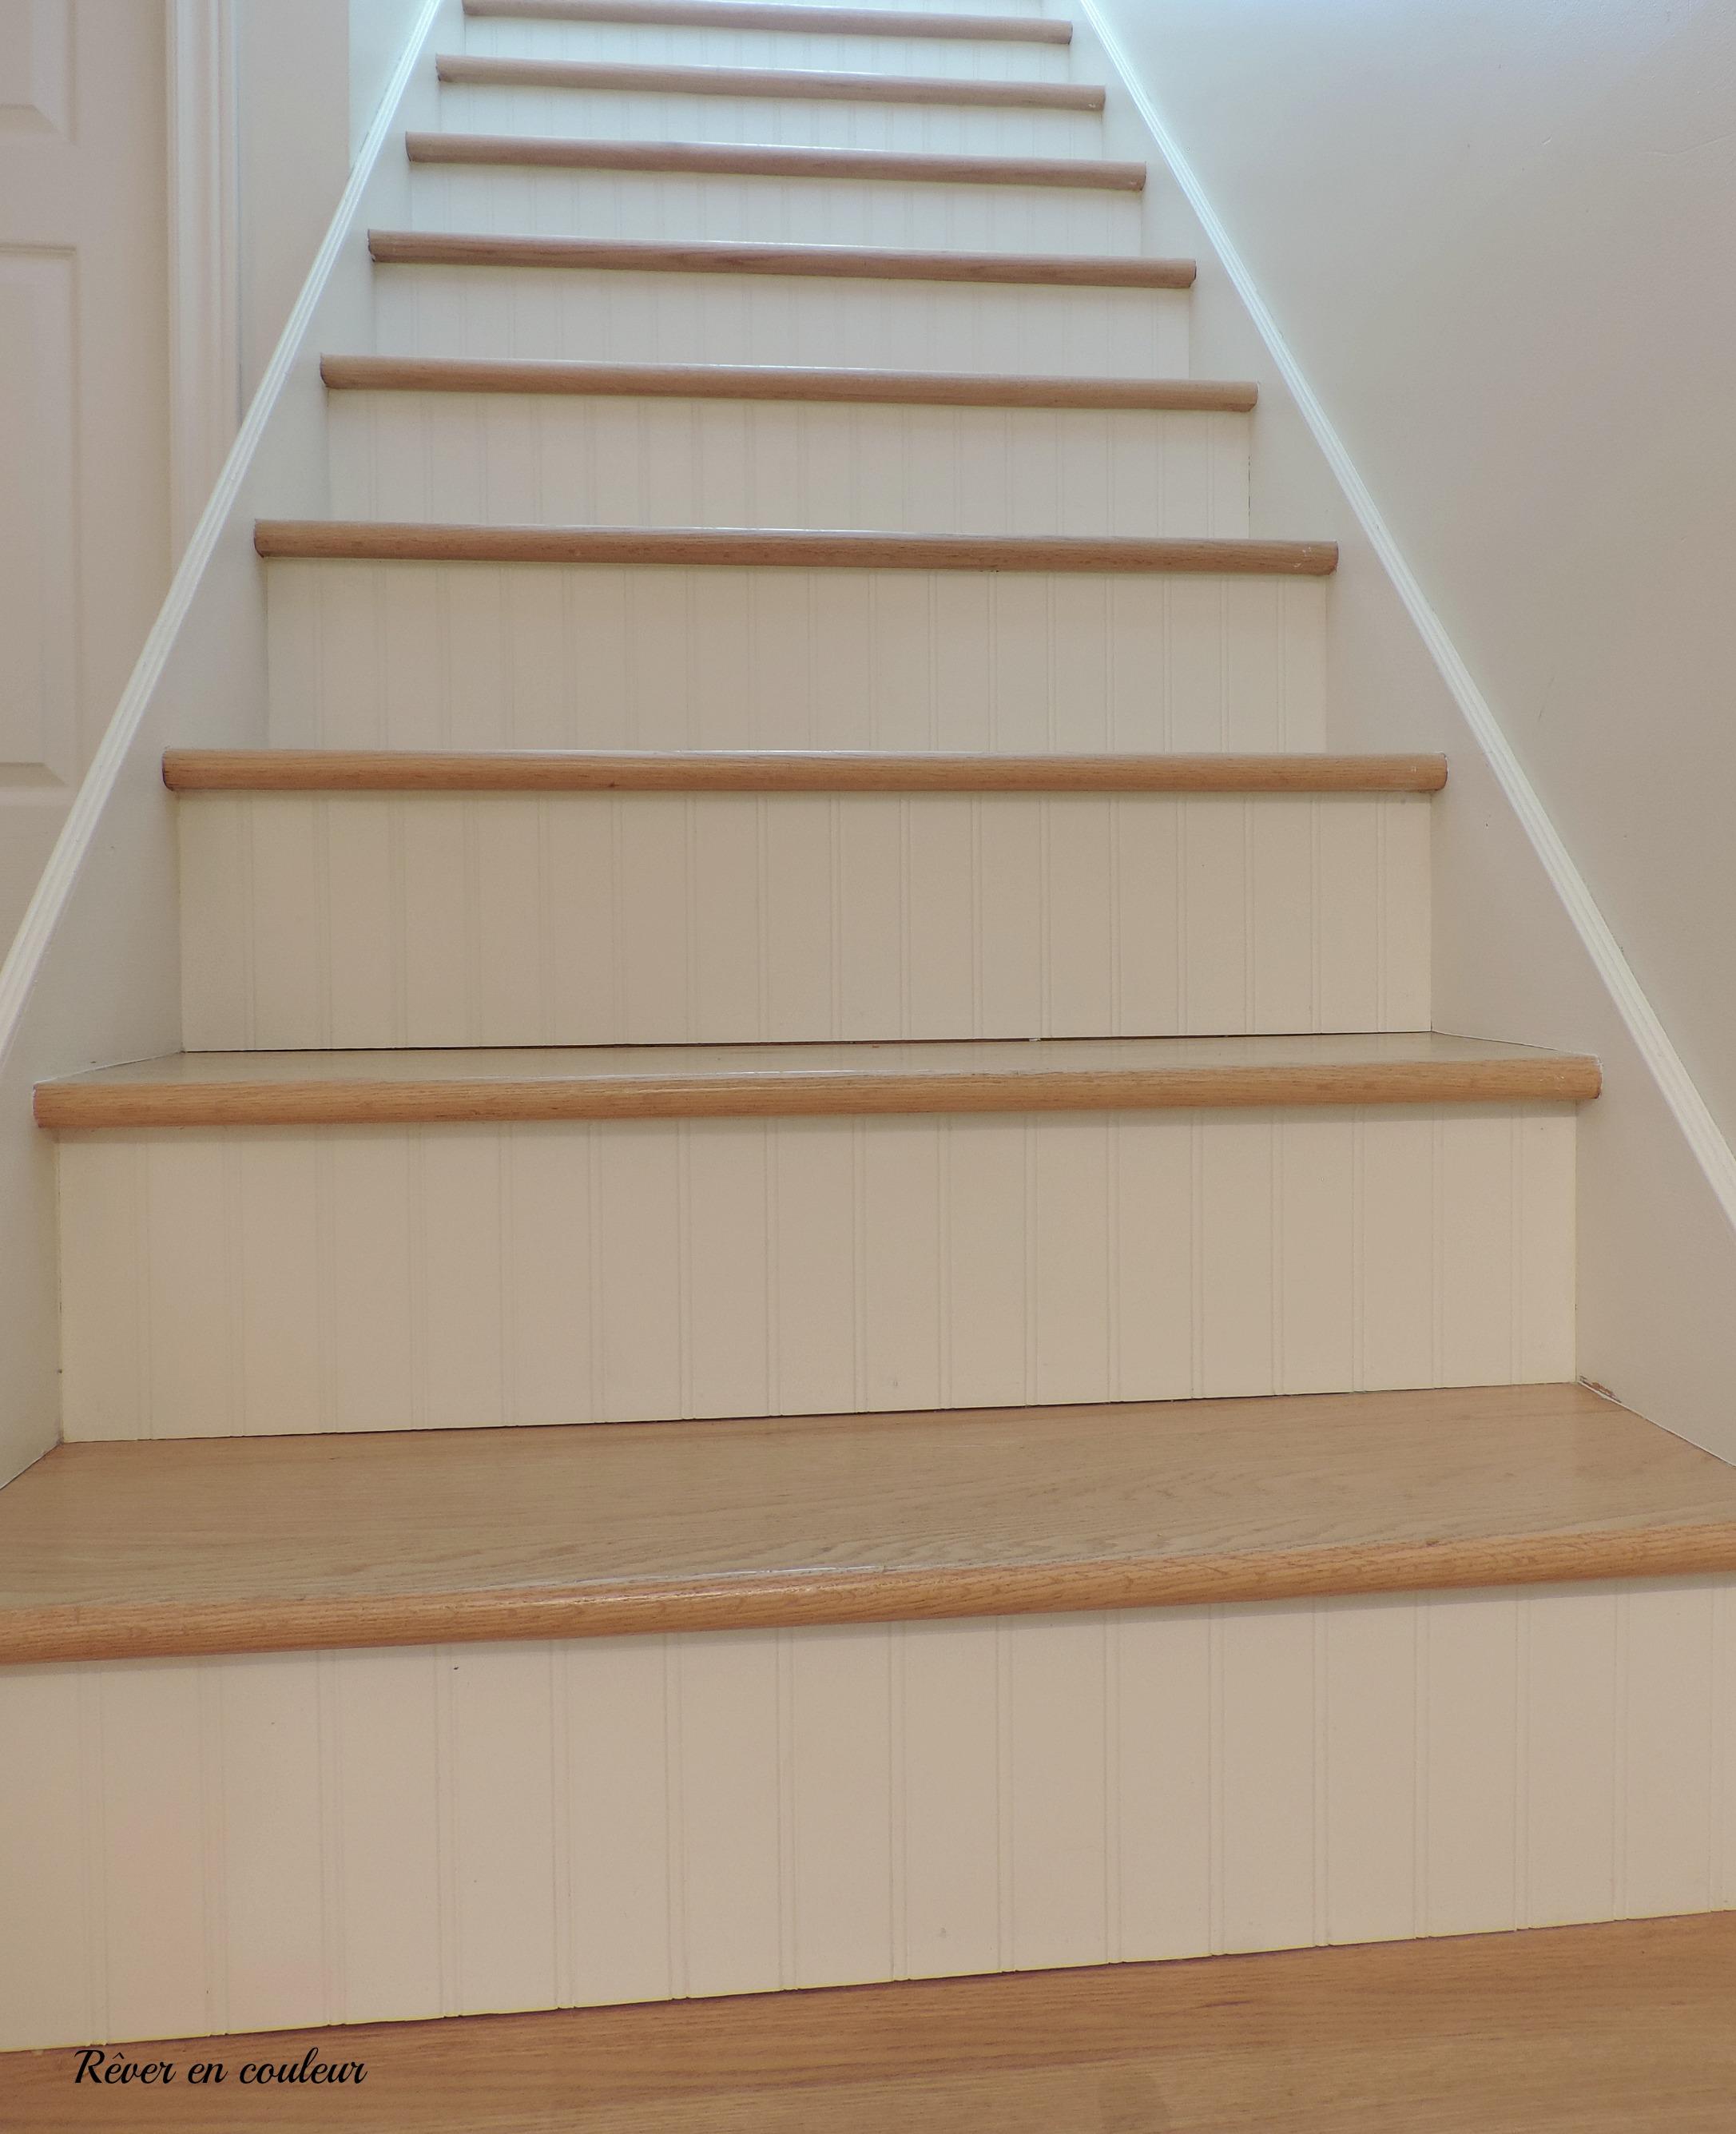 Vernis Pour Marche Escalier l'escalier du sous-sol avant et après - rêver en couleur